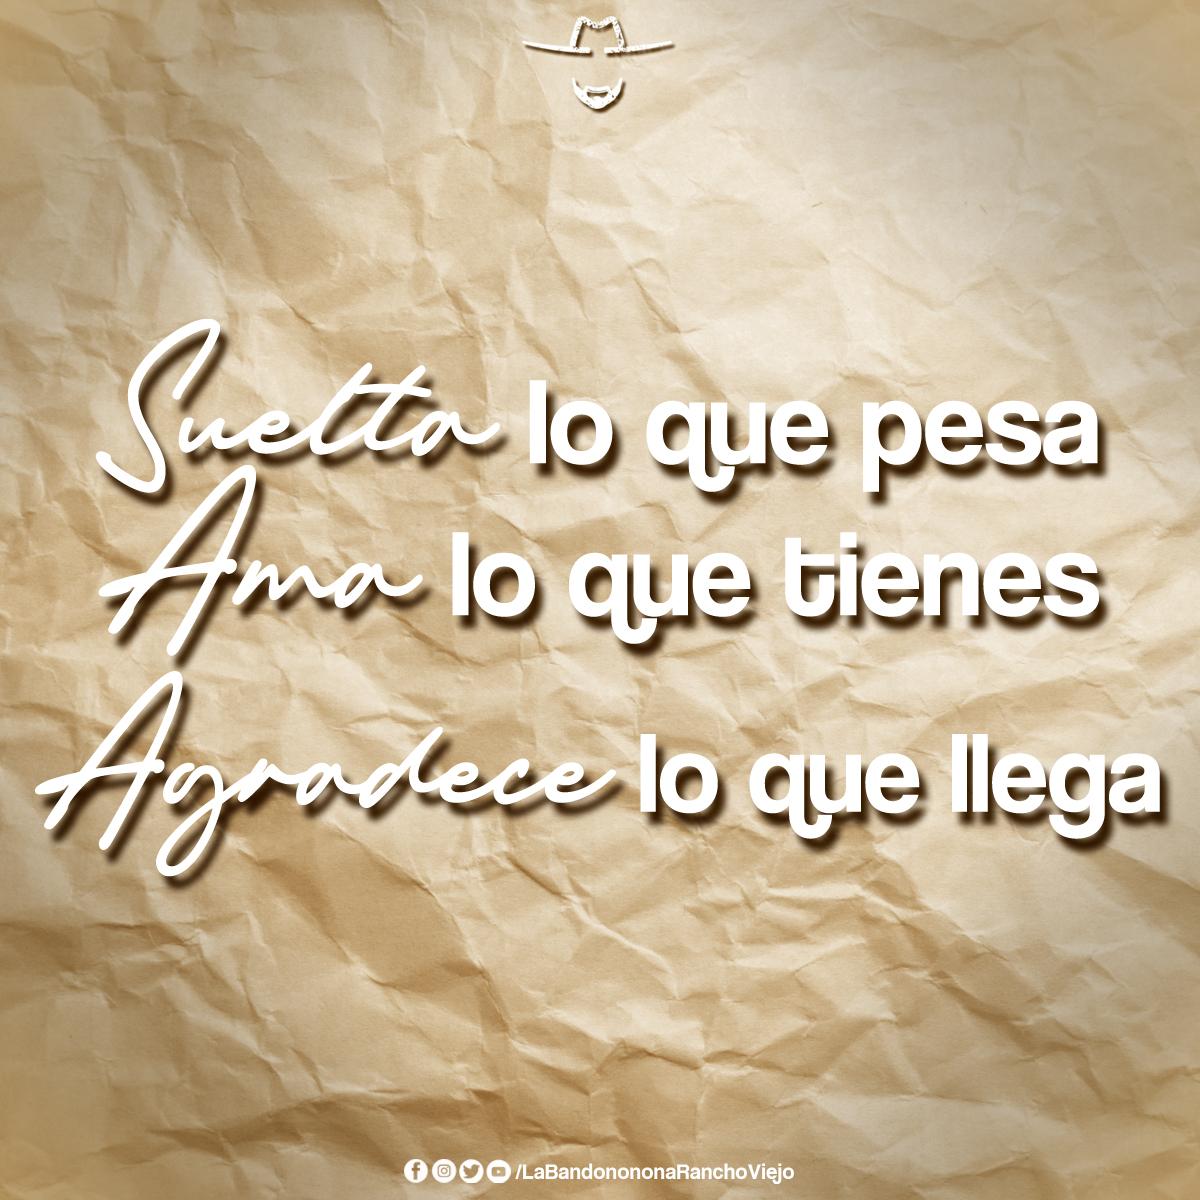 Suelta, Ama y Agradece🙏❤ Síguenos🤜🤛 @B_RanchoViejo  #BuenosDías #QueLeHace #LaBandononona https://t.co/0YtuEjzLQ3